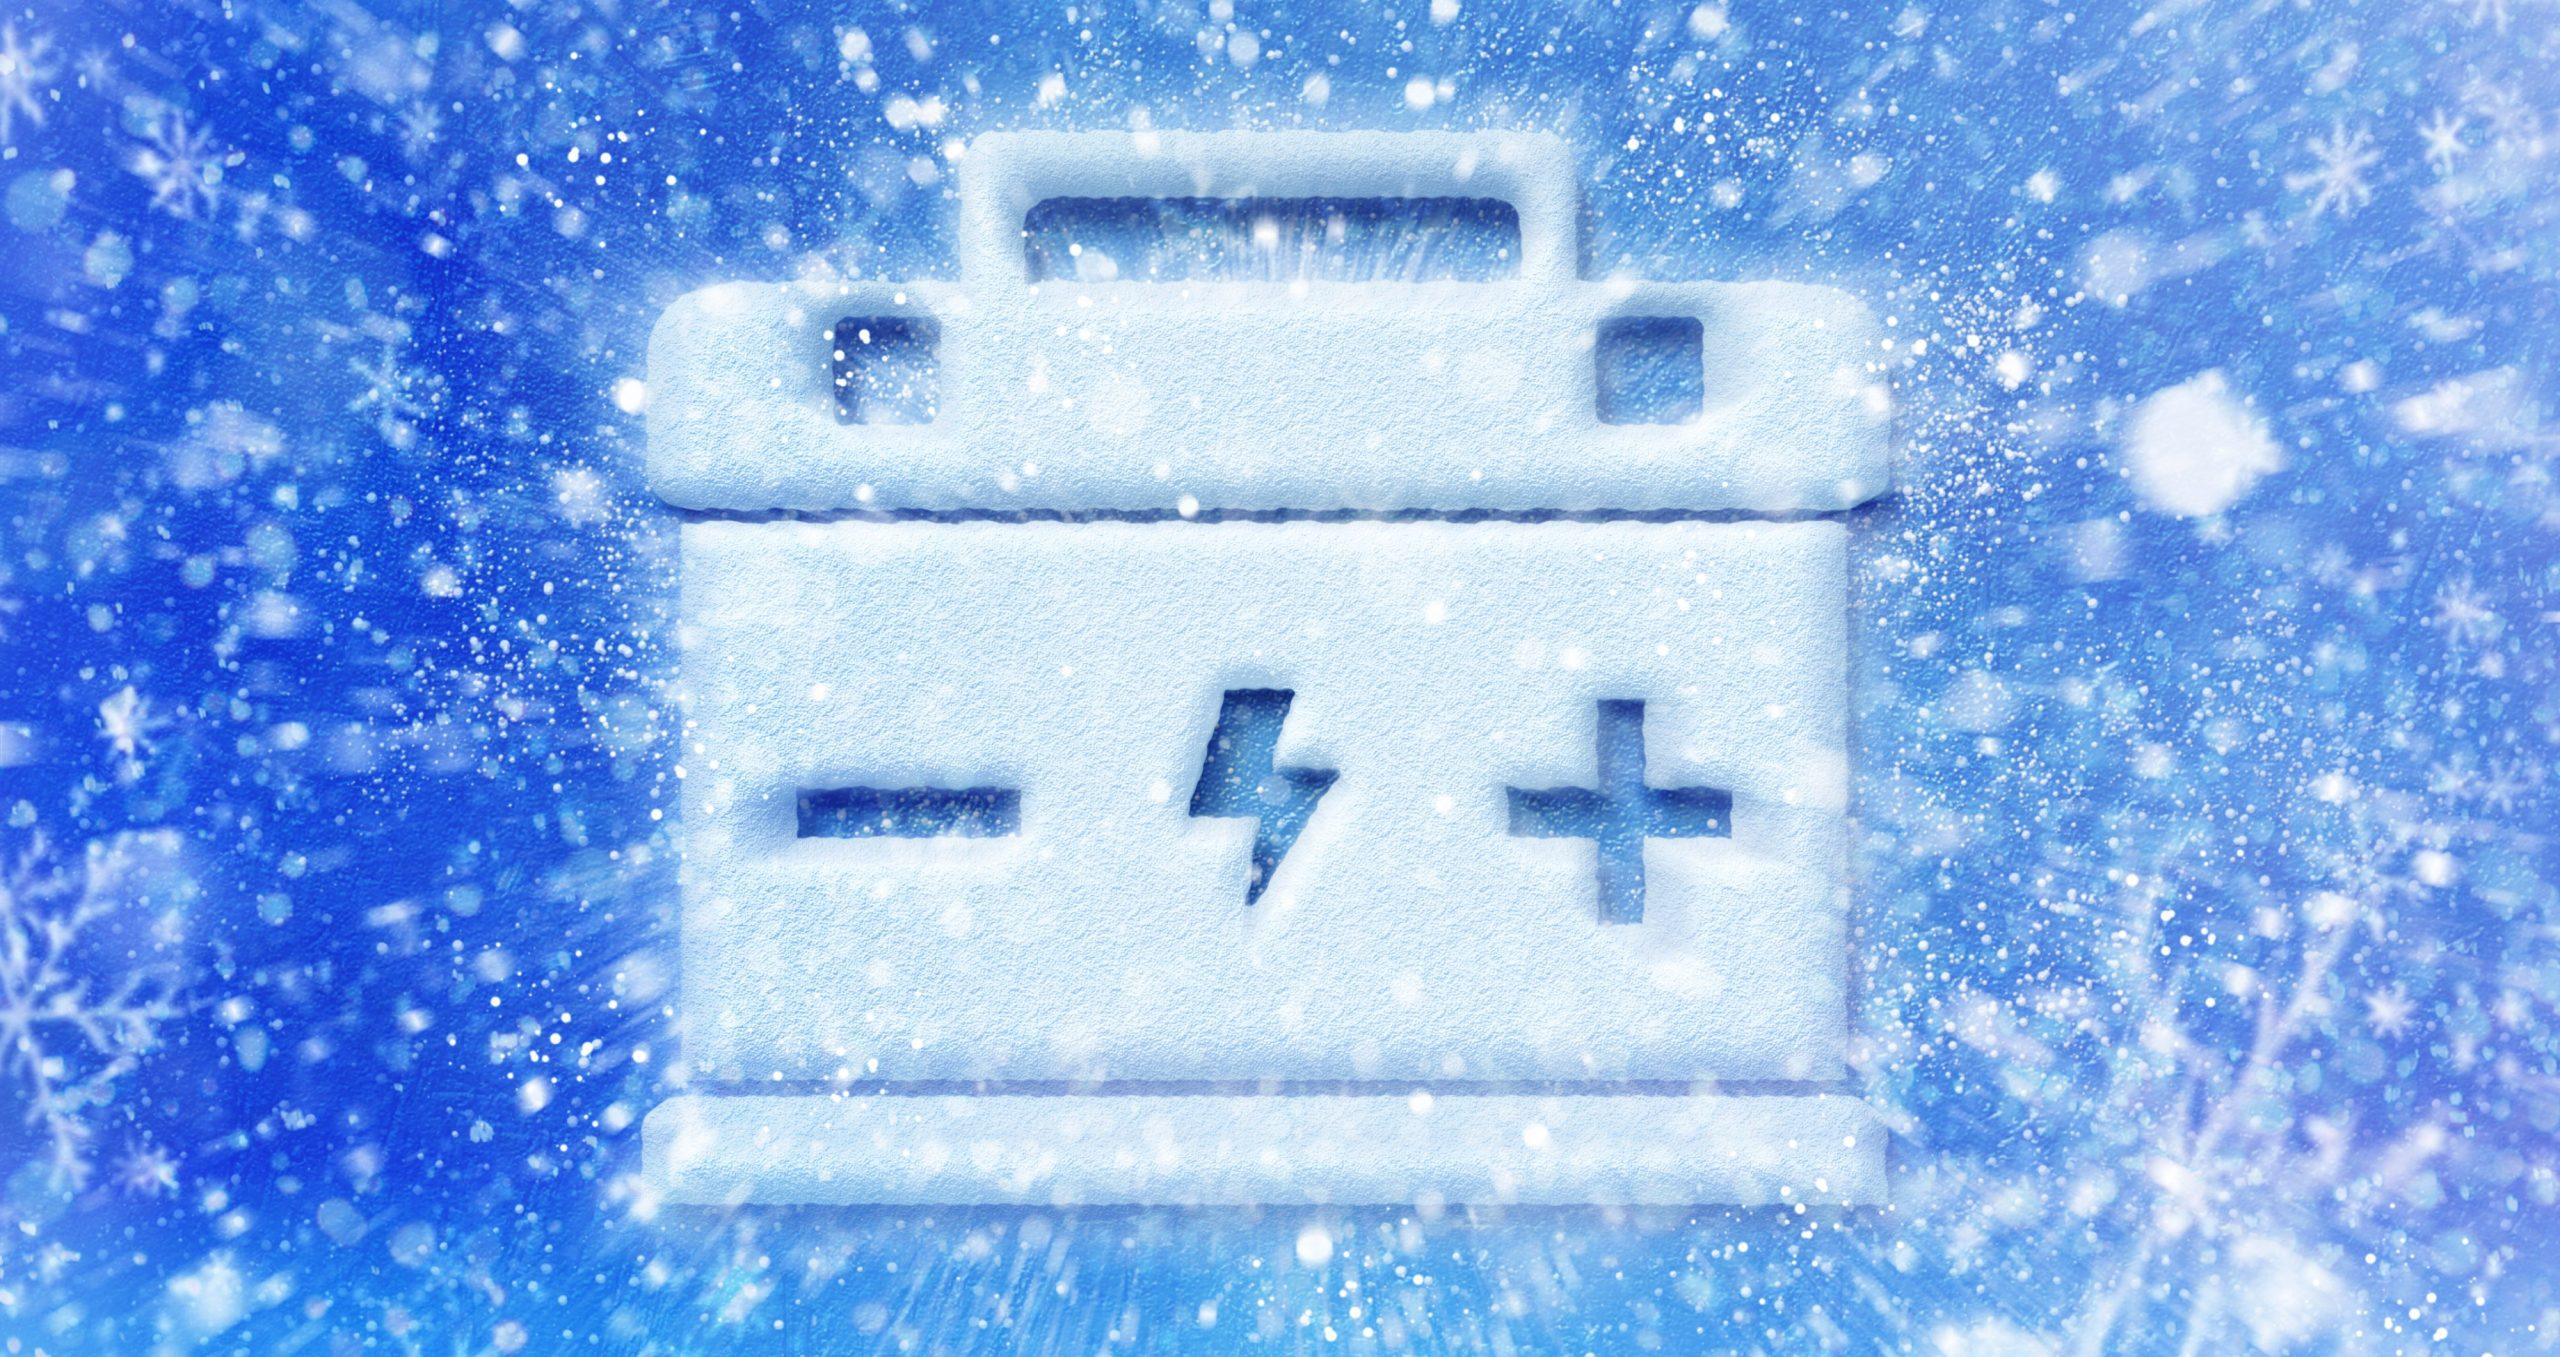 Tényleg gyorsabban merülnek a telefonok télen